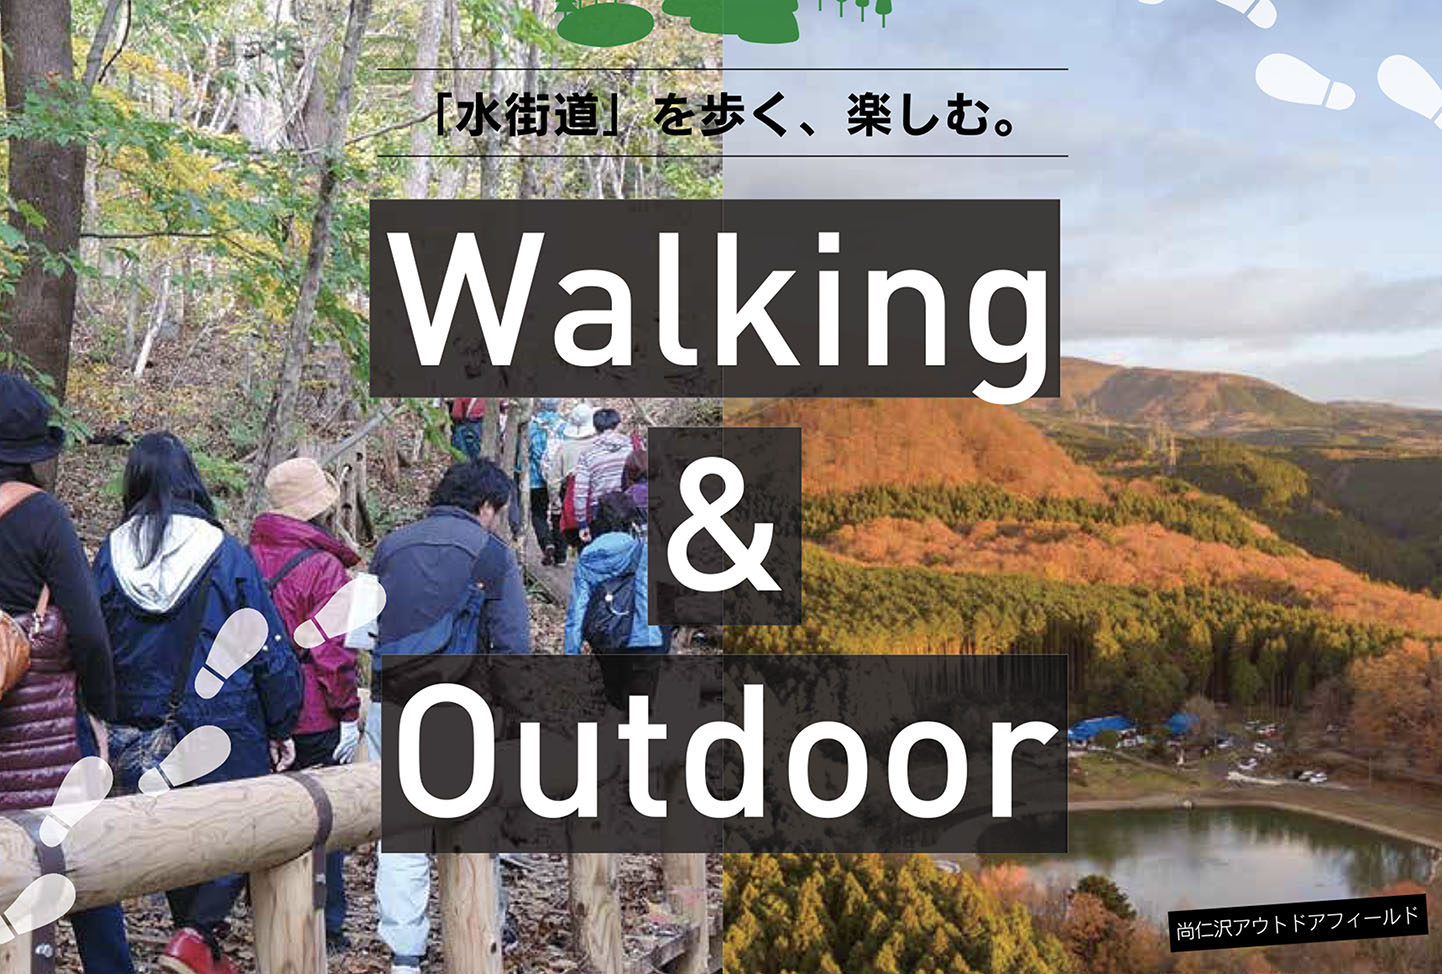 【募集終了】11.27 sun 水街道を歩く、楽しむ。 Walking & Outdoor